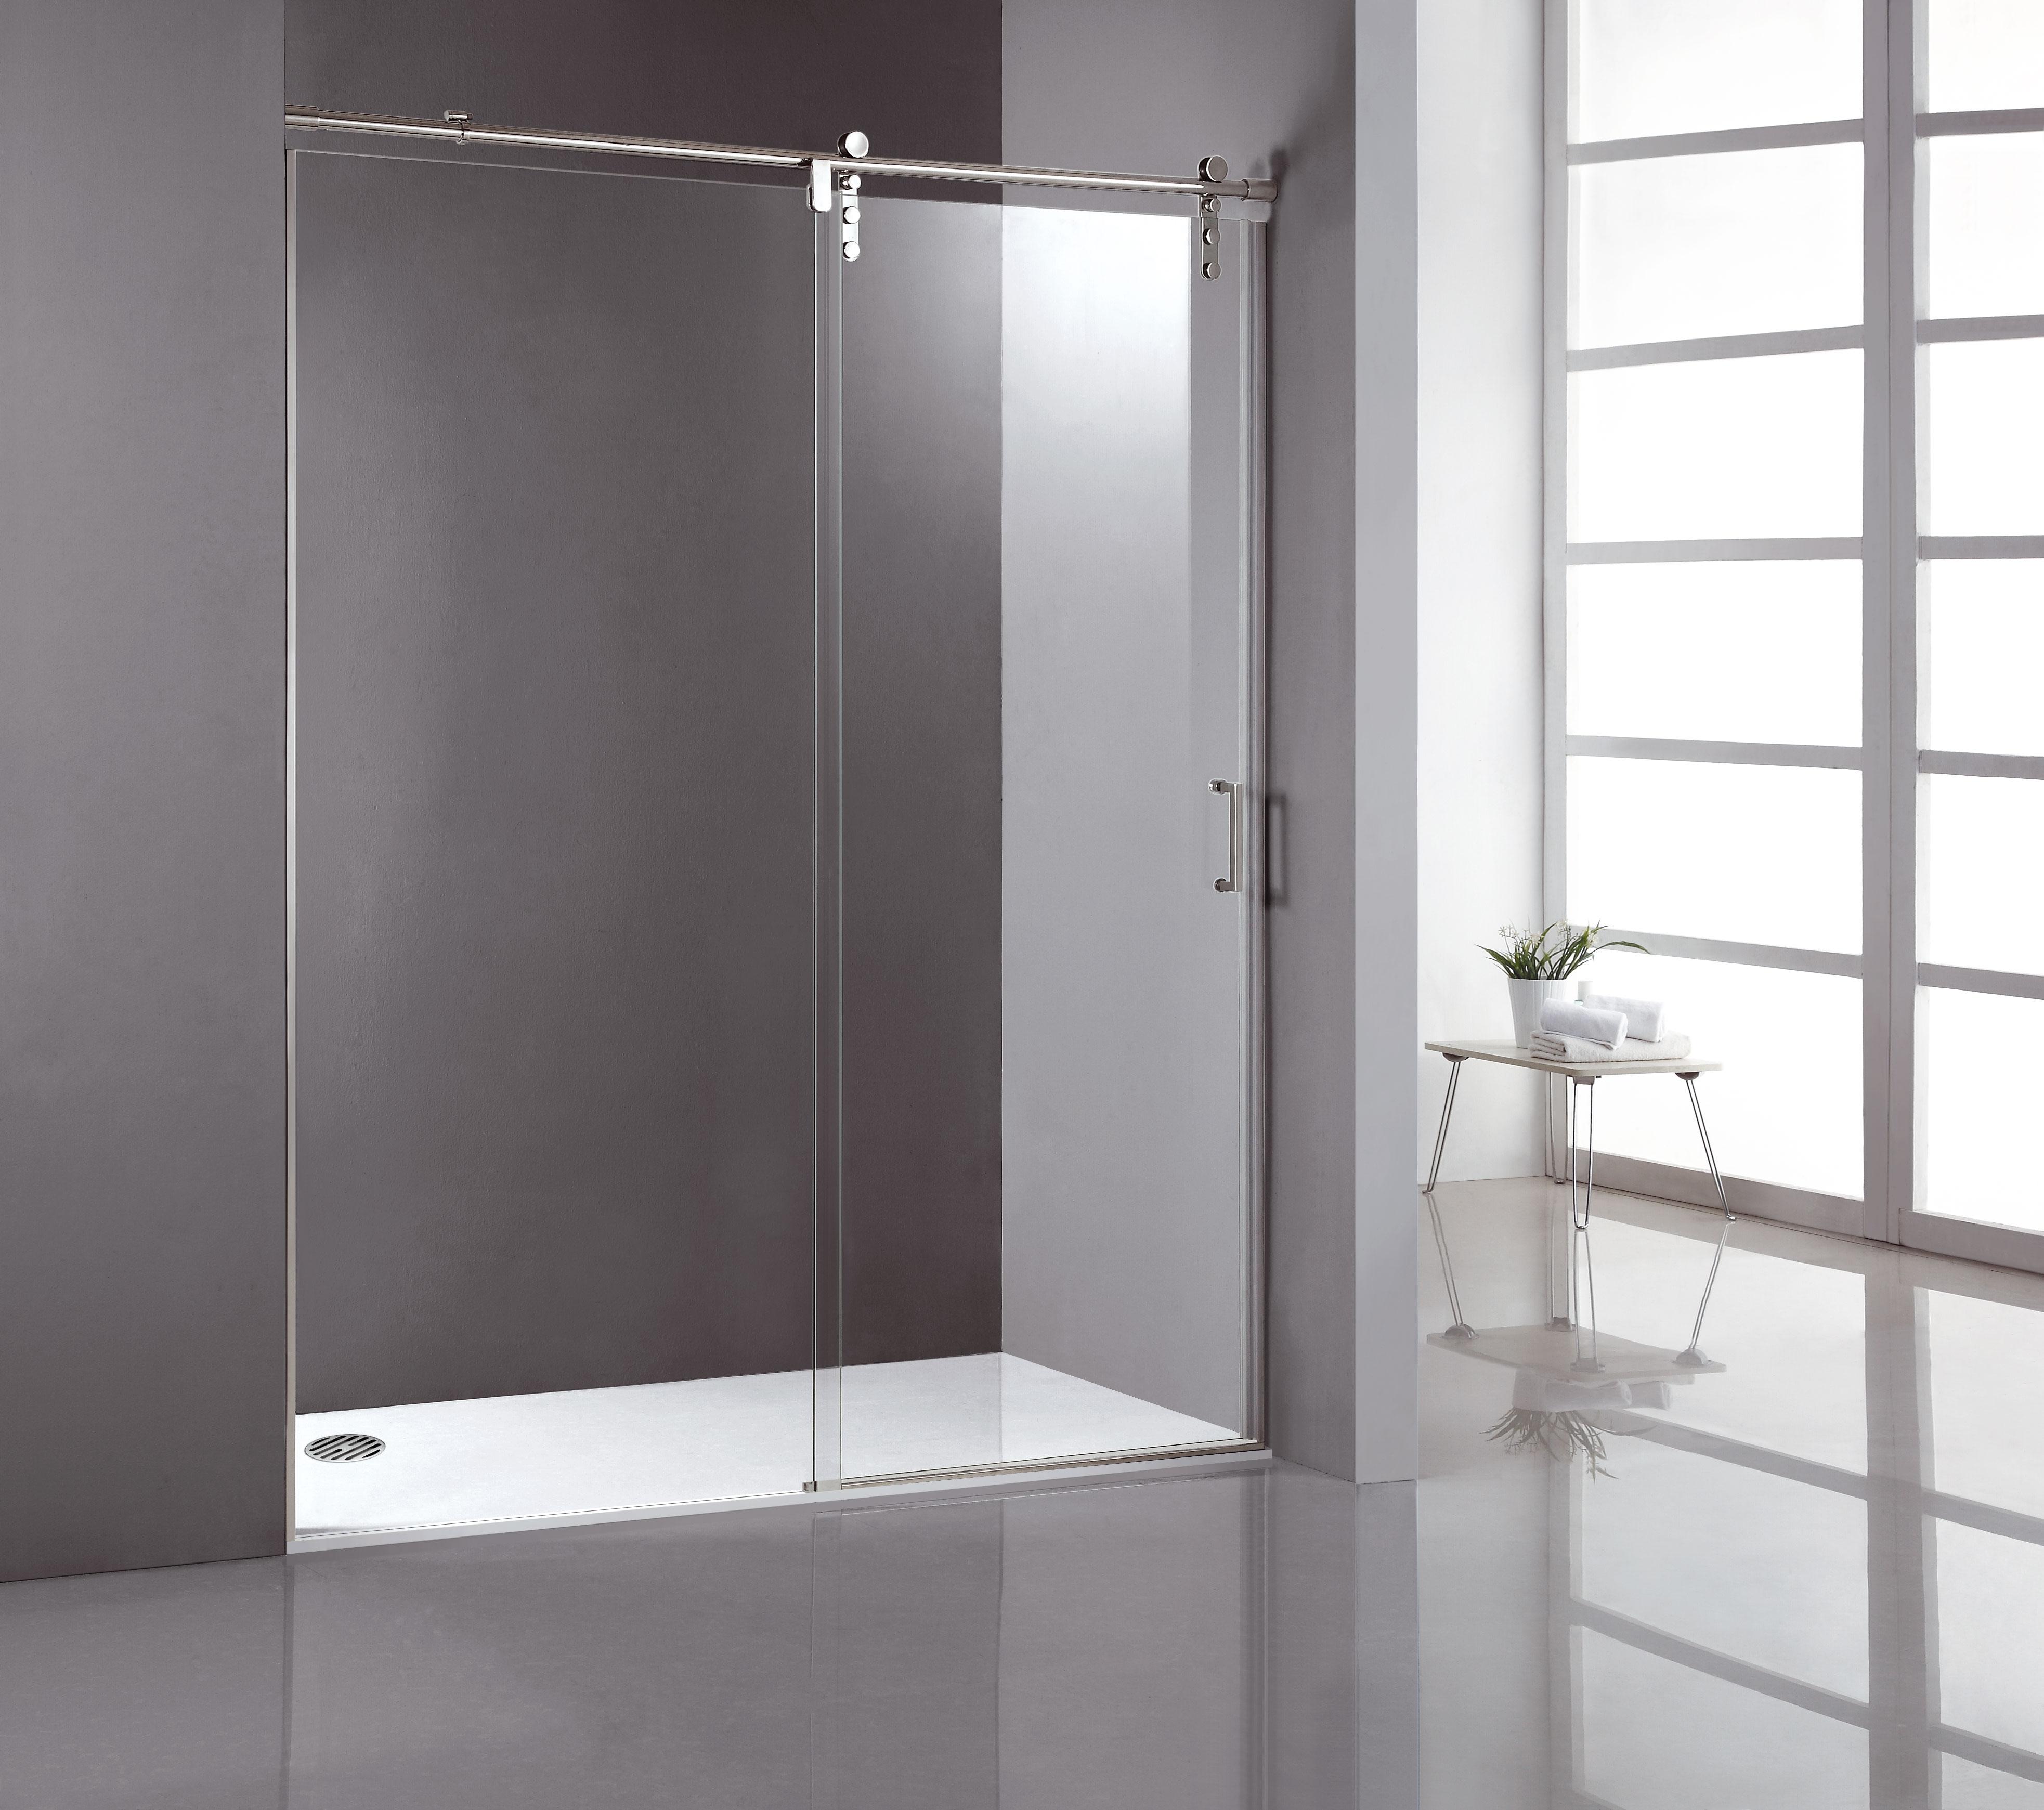 Como limpiar mamparas de las duchas conslymp a solo - Como limpiar la mampara de la ducha ...